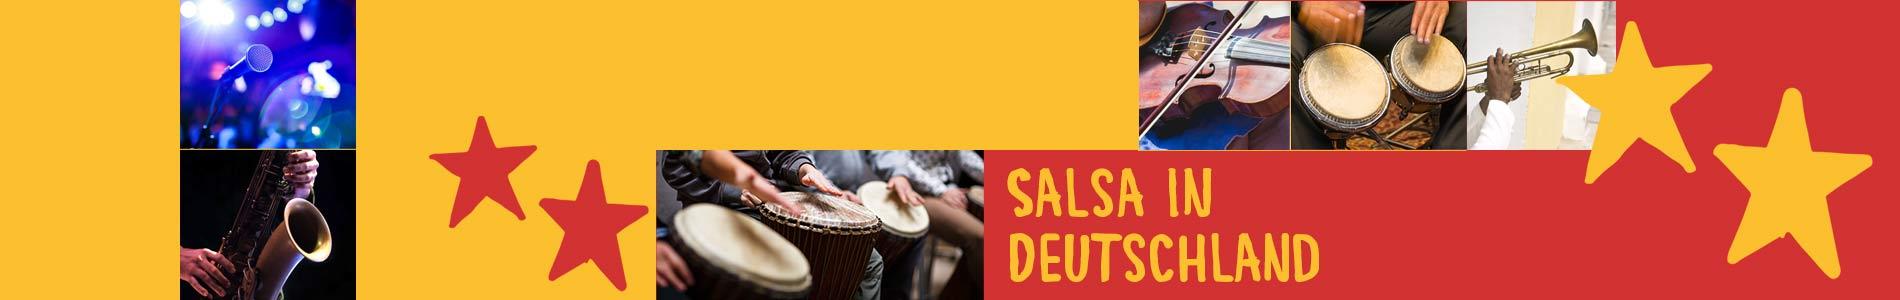 Salsa in Borne – Salsa lernen und tanzen, Tanzkurse, Partys, Veranstaltungen